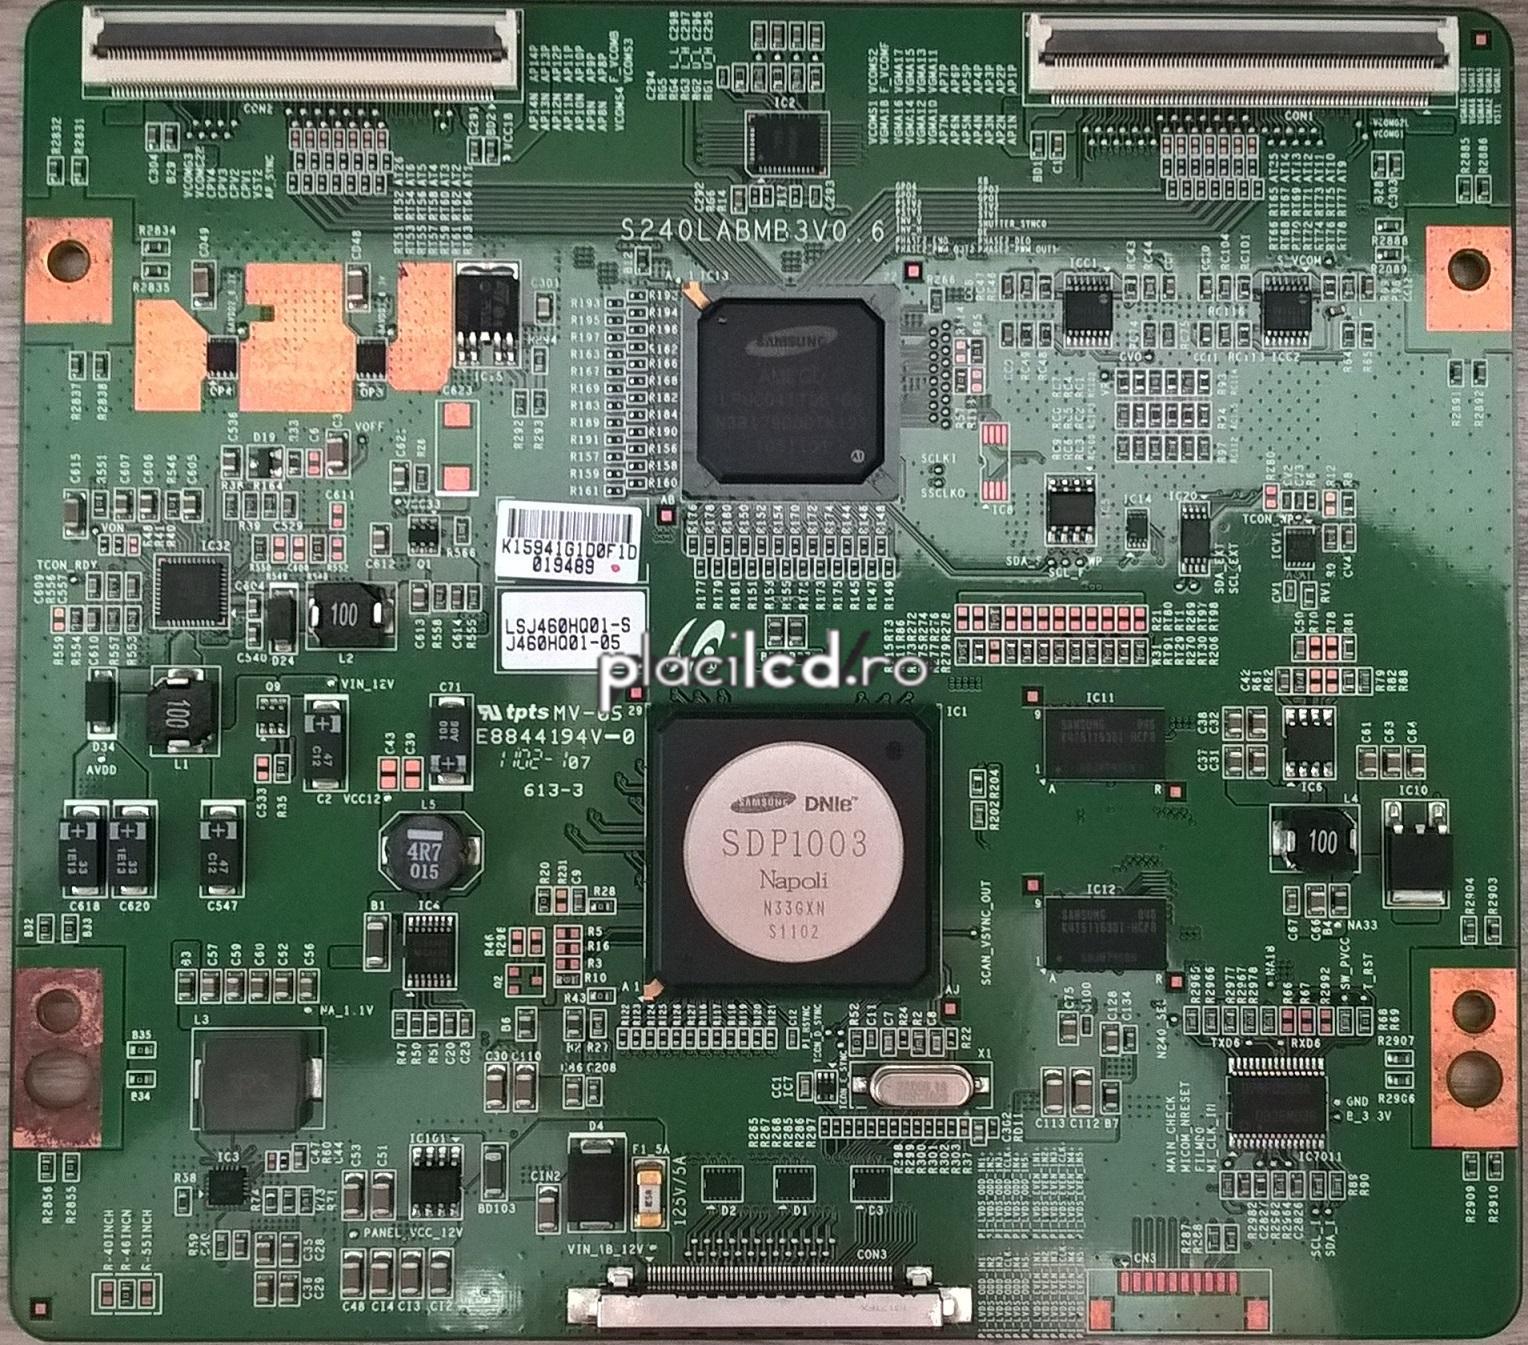 Placa lvds S240LABMB3V0.6